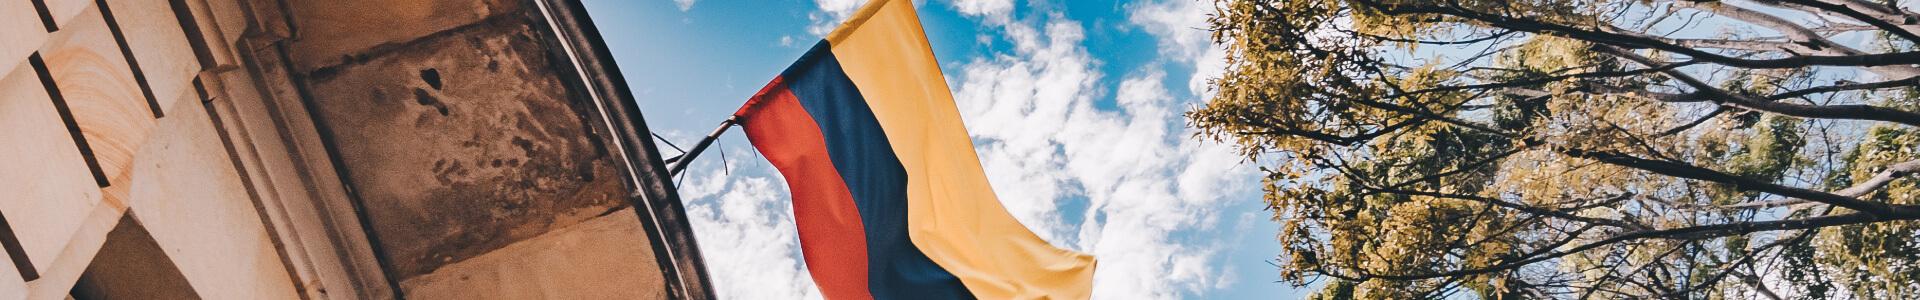 llamadas-internacionales-prepago-colombia